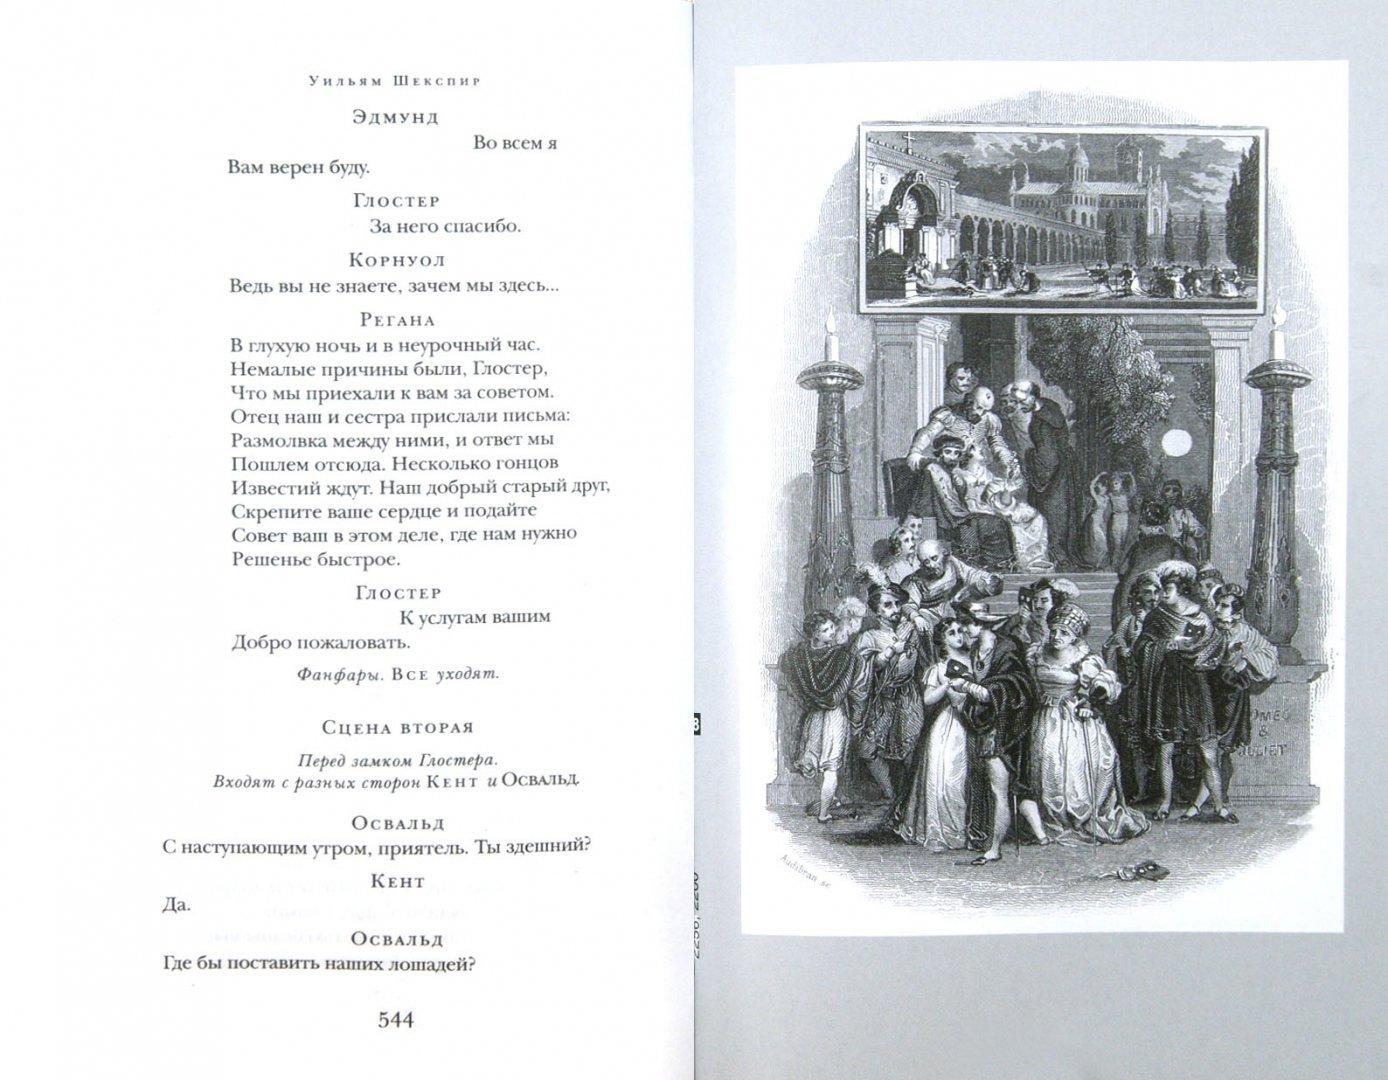 Иллюстрация 1 из 24 для Ромео и Джульетта. Трагедии - Уильям Шекспир | Лабиринт - книги. Источник: Лабиринт